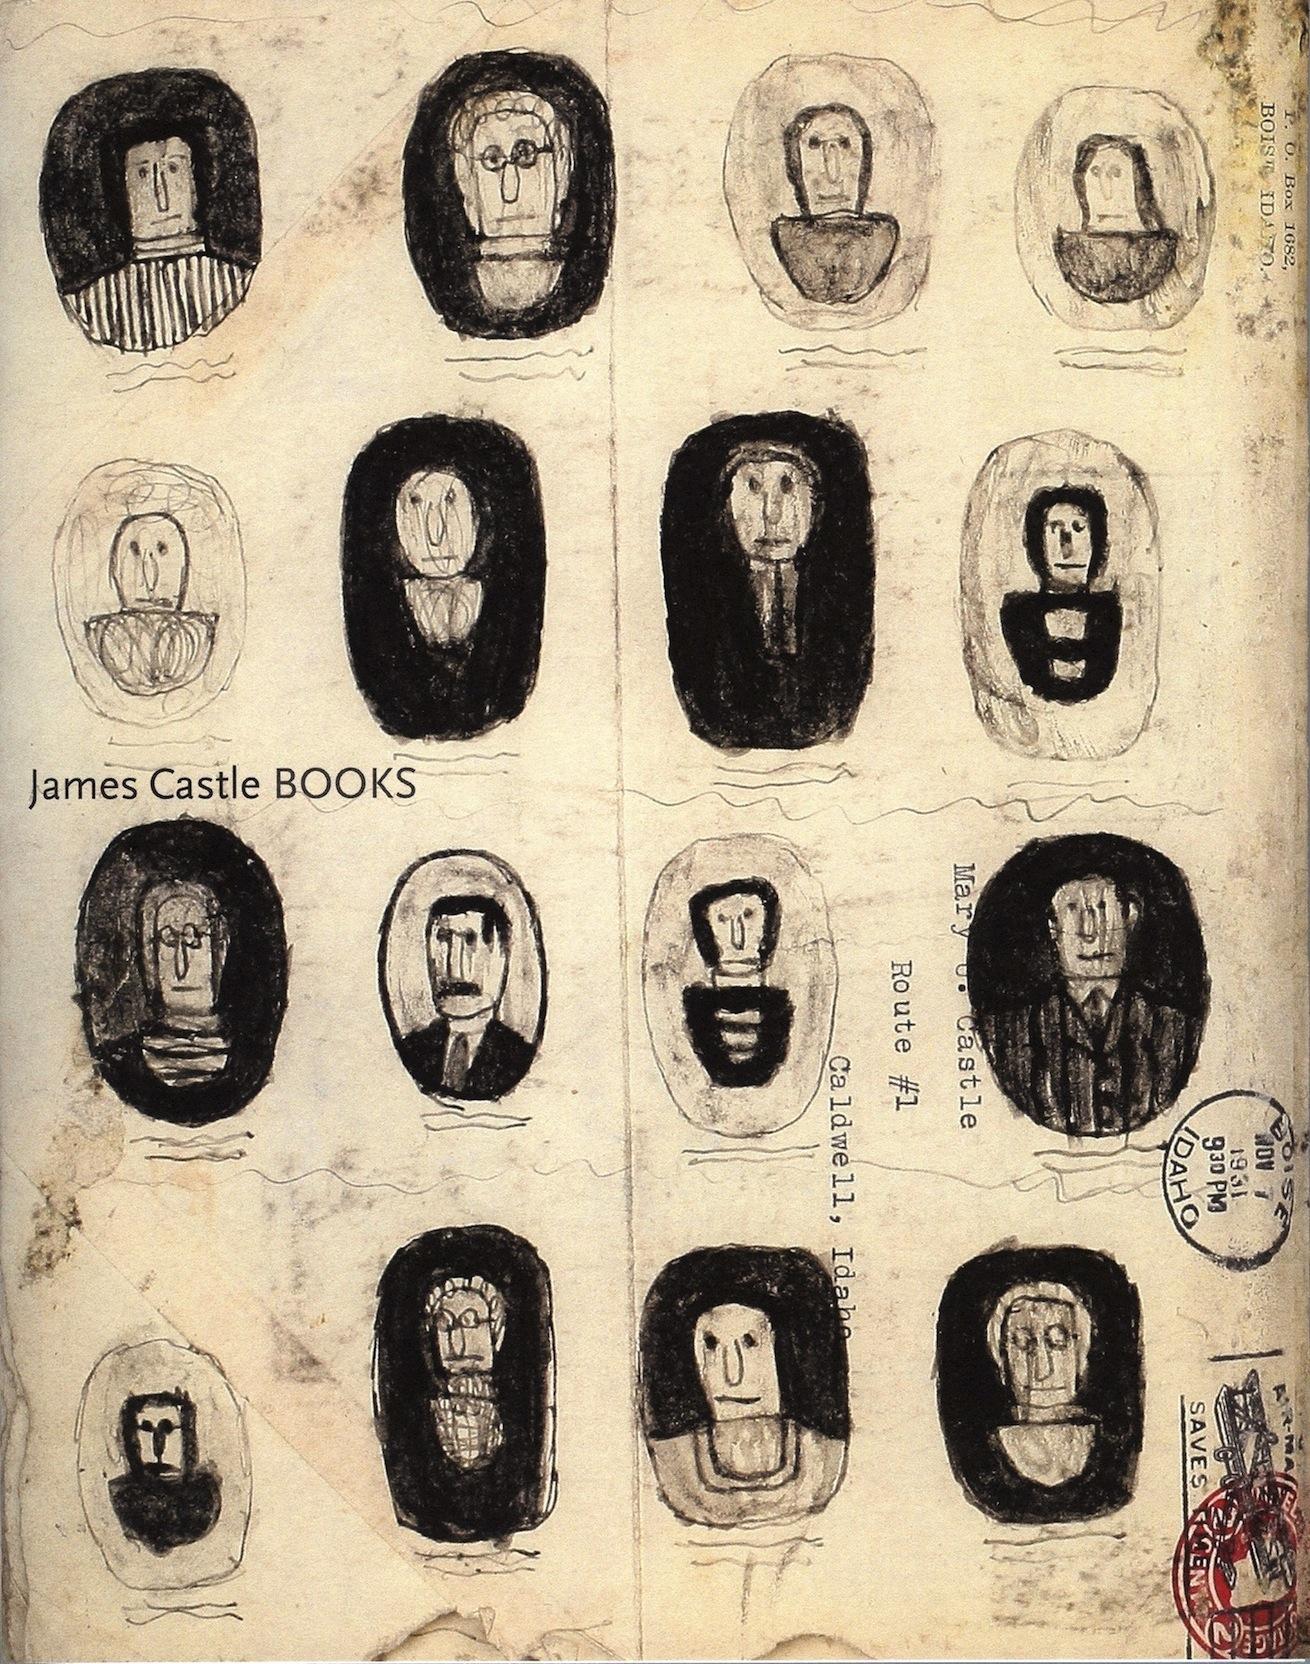 james-castle-BOOKS.jpg